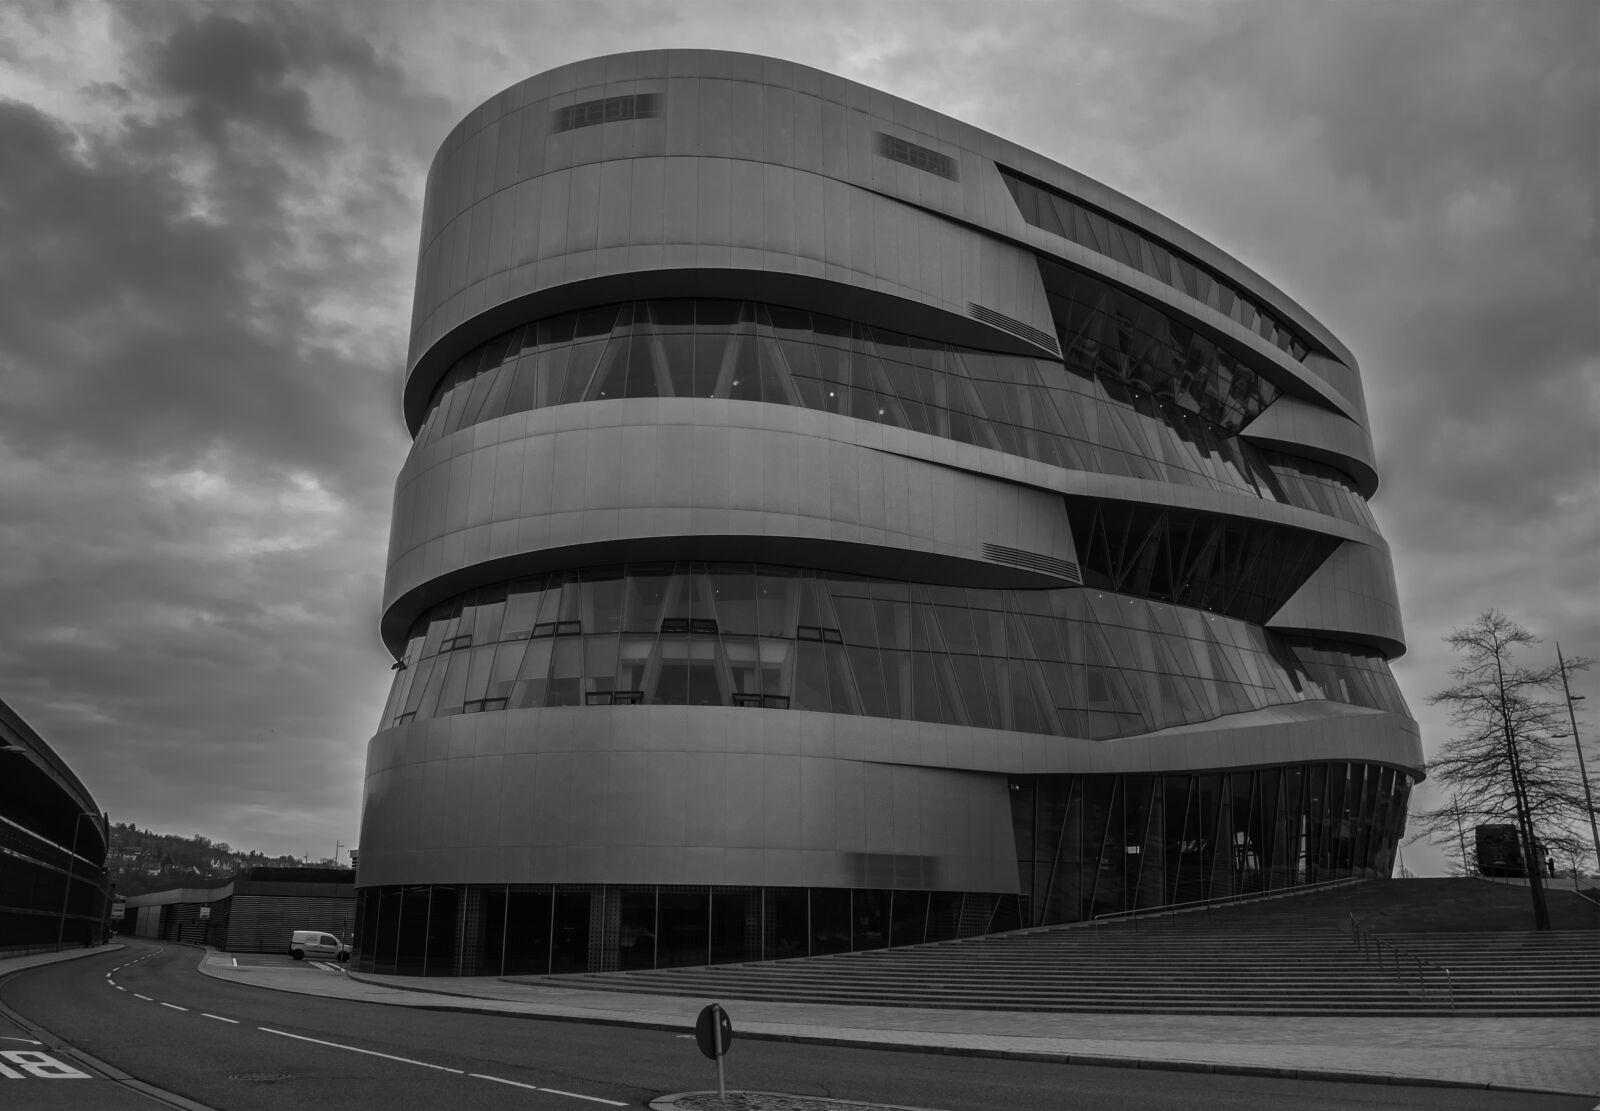 museum, building, architecture